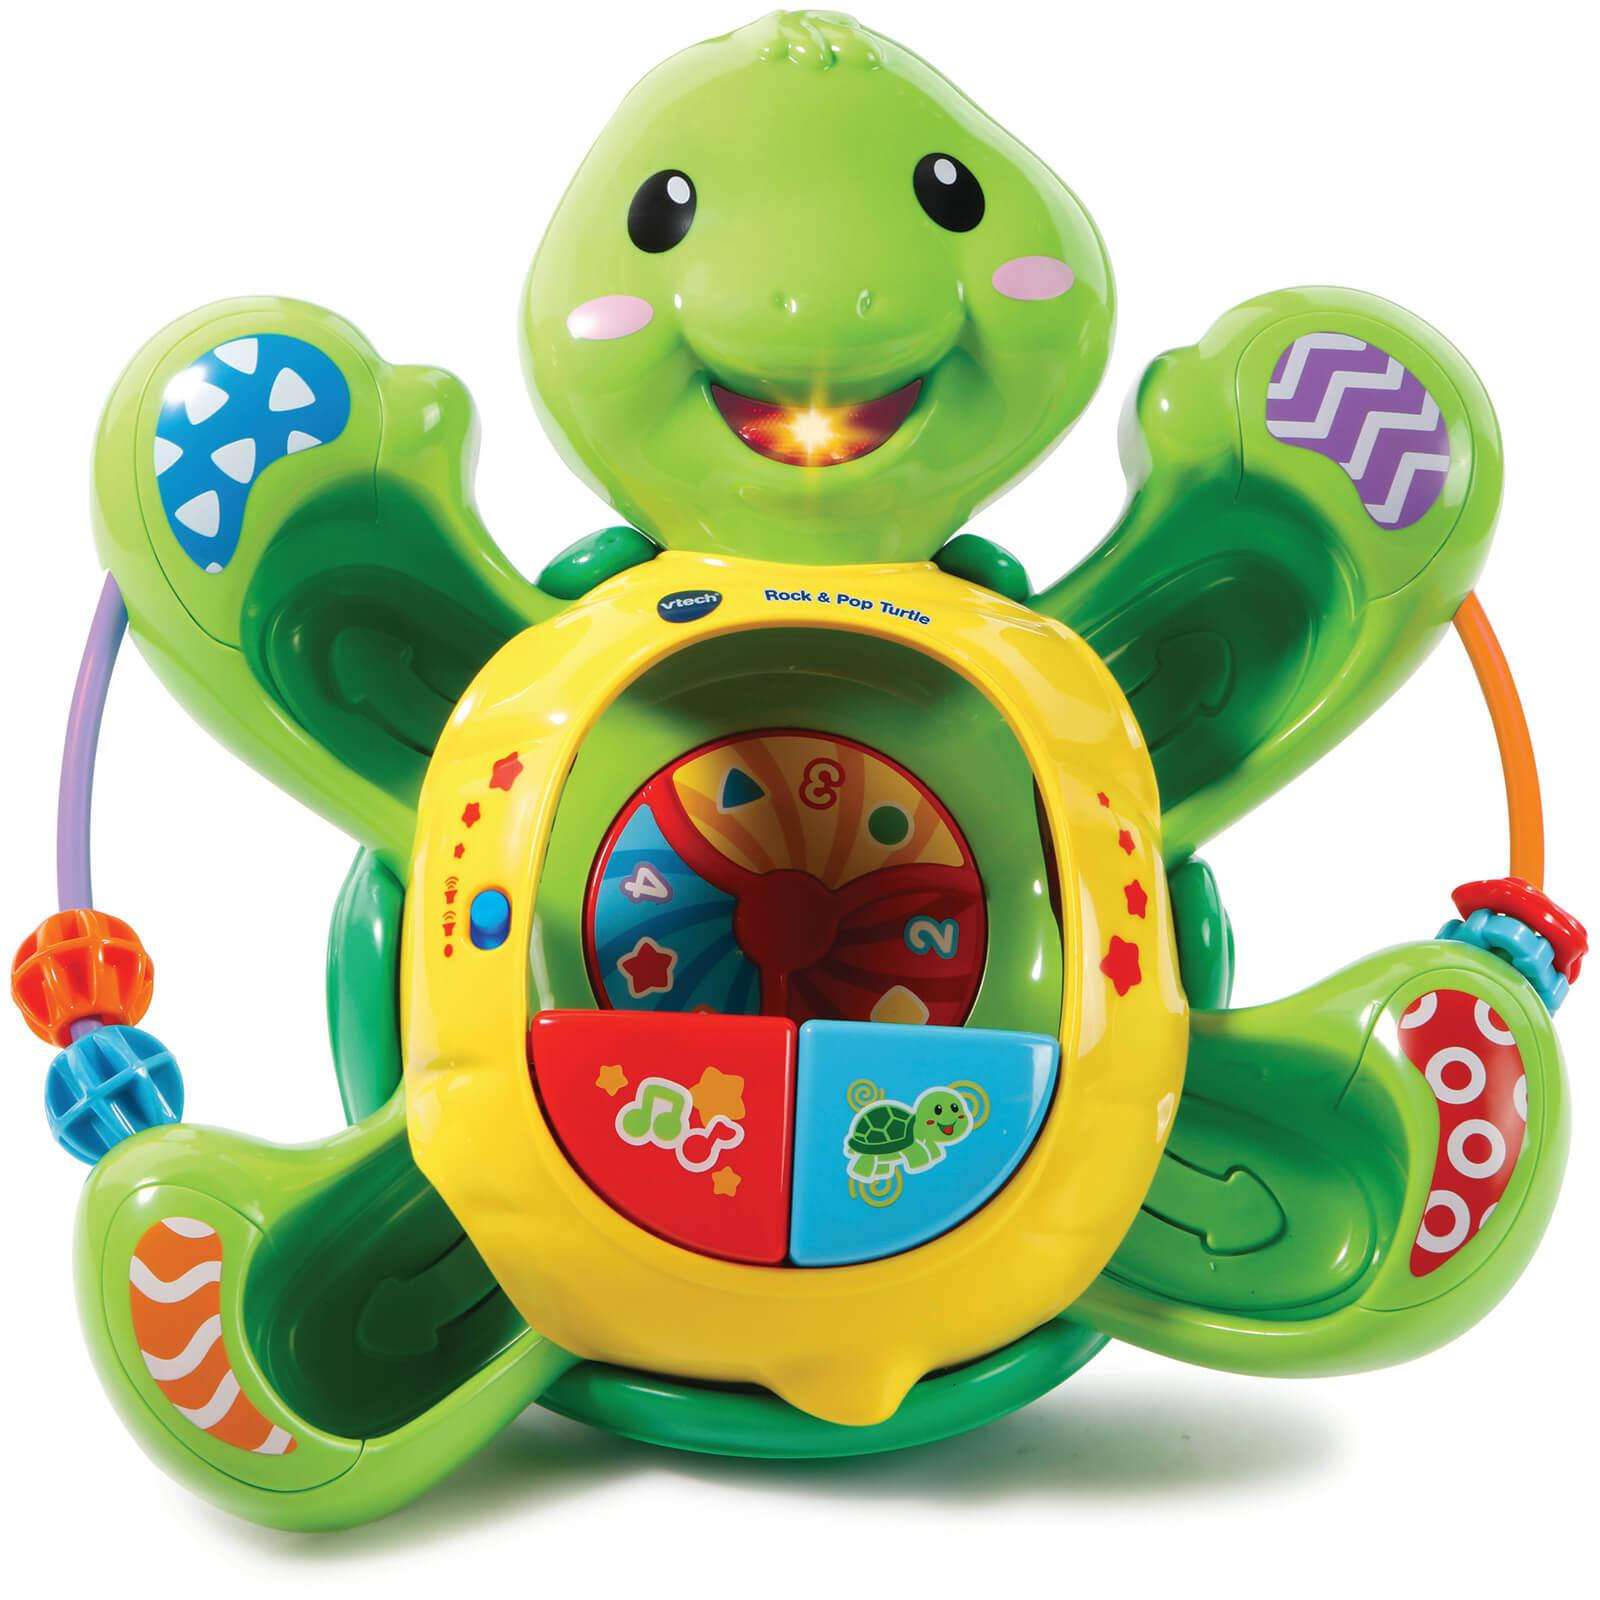 vtech baby  Vtech Baby Pop-A-Ball Rock & Pop Turtle Toys | Zavvi US